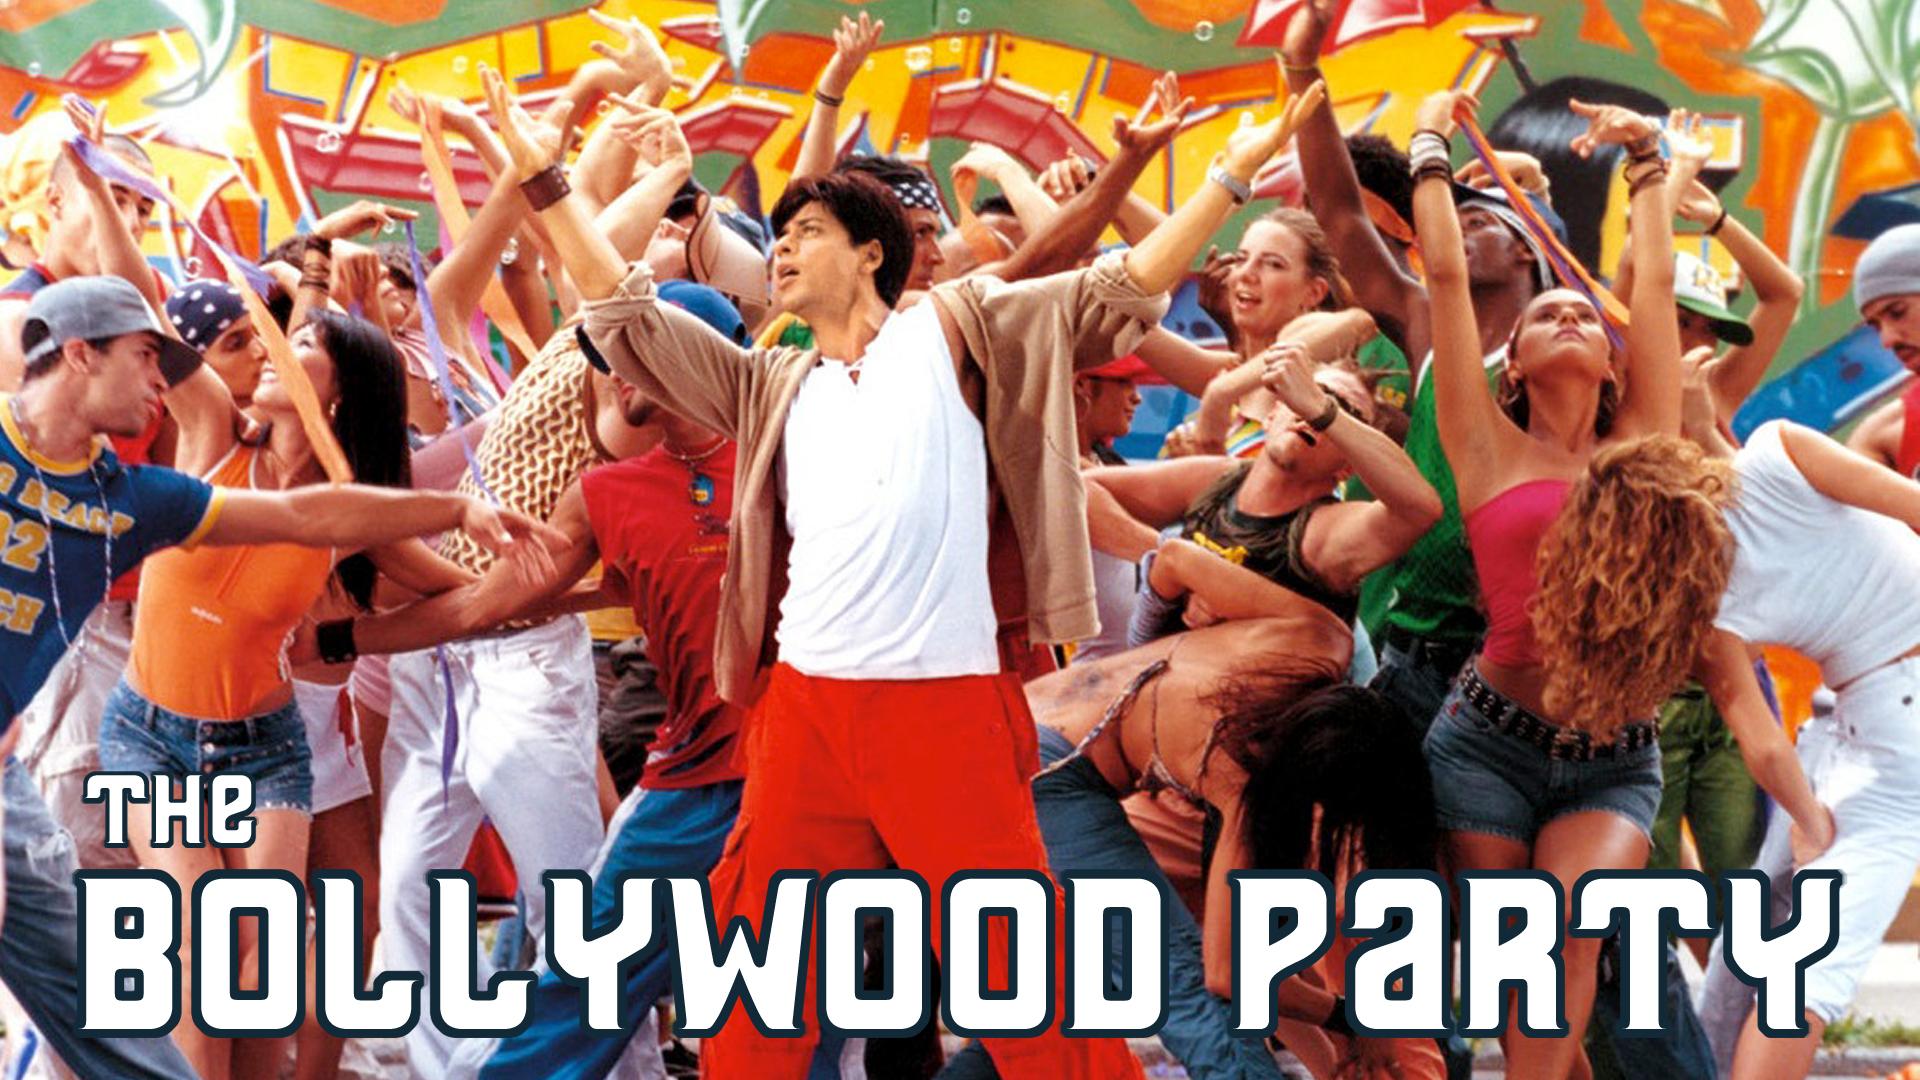 Bollywood banner